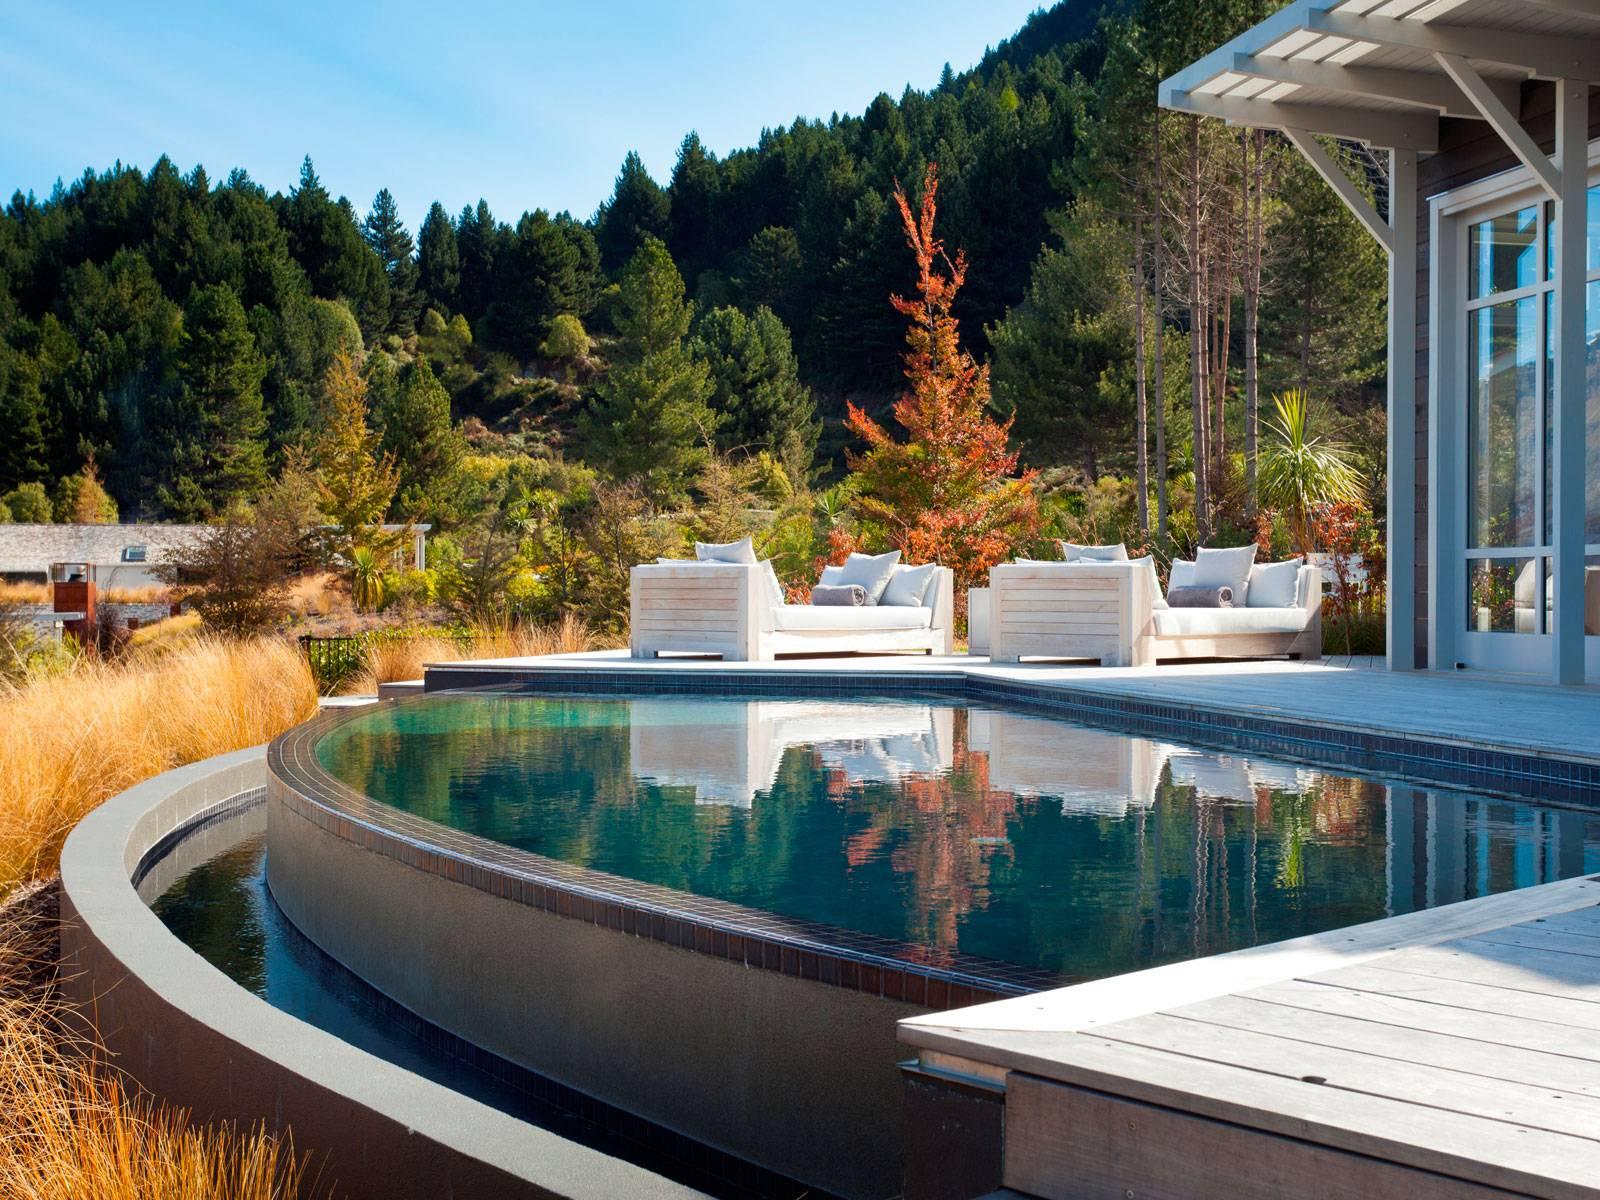 """Tuy đi theo phong cách hiện đại, nhưng Azur lại tạo cho du khách cảm giác gần gũi, """"như là nhà"""" khi trang bị cả hồ bơi và lò sưởi ngoài trời để những gia đình đi nghỉ dưỡng có thể quây quần bên nhau."""